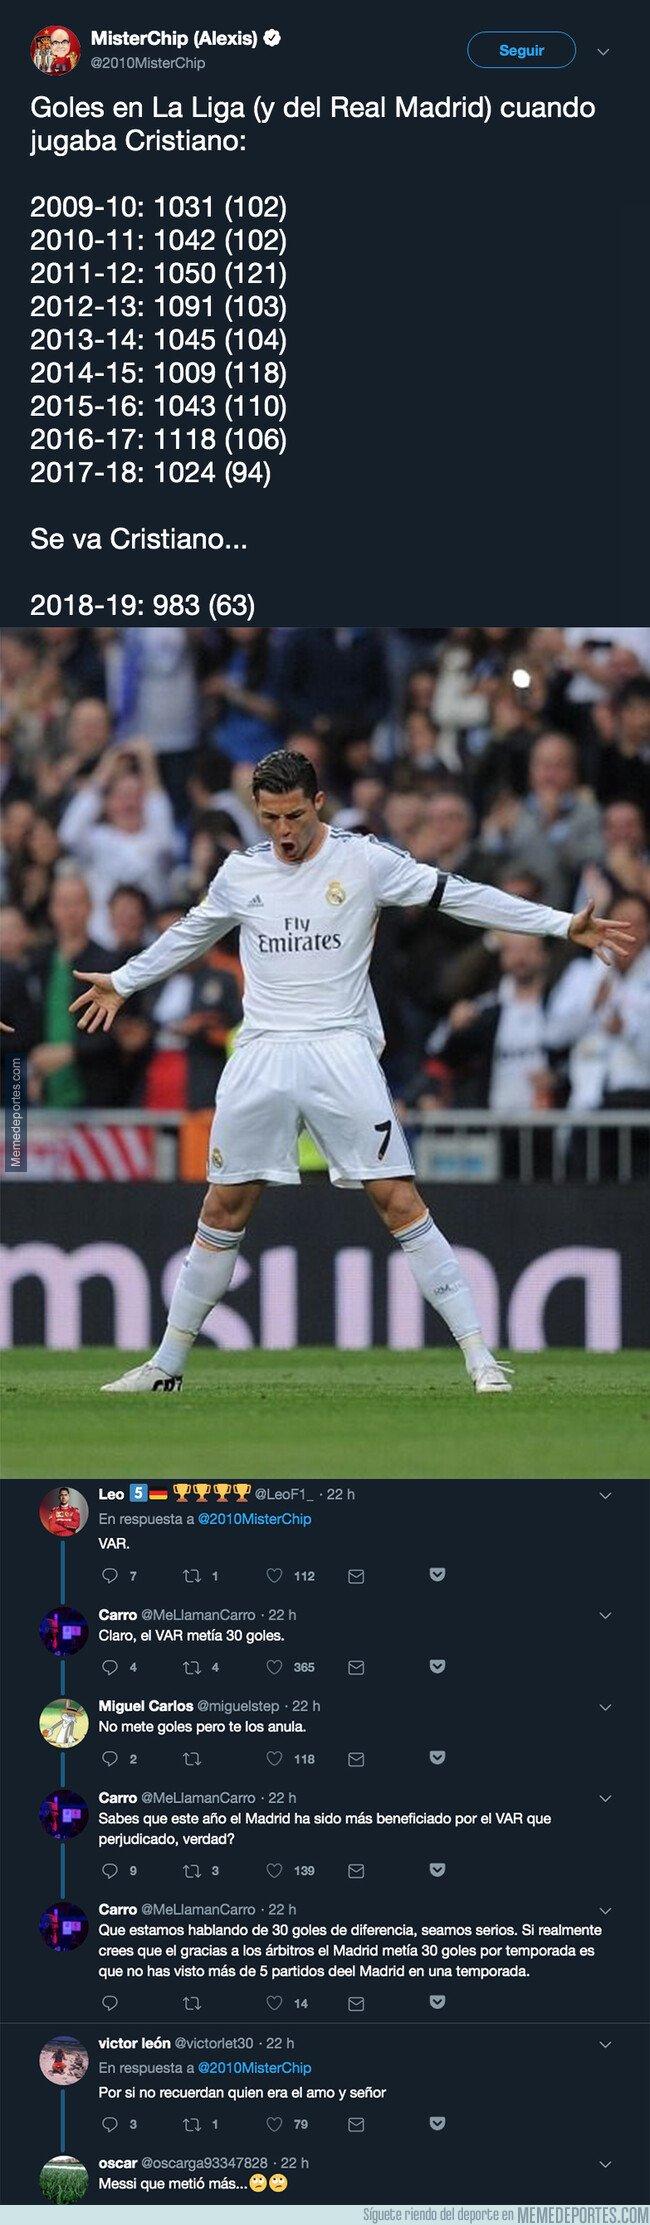 1075657 - El dato goleador del Real Madrid esta temporada que deja bien claro cual es el problema del equipo